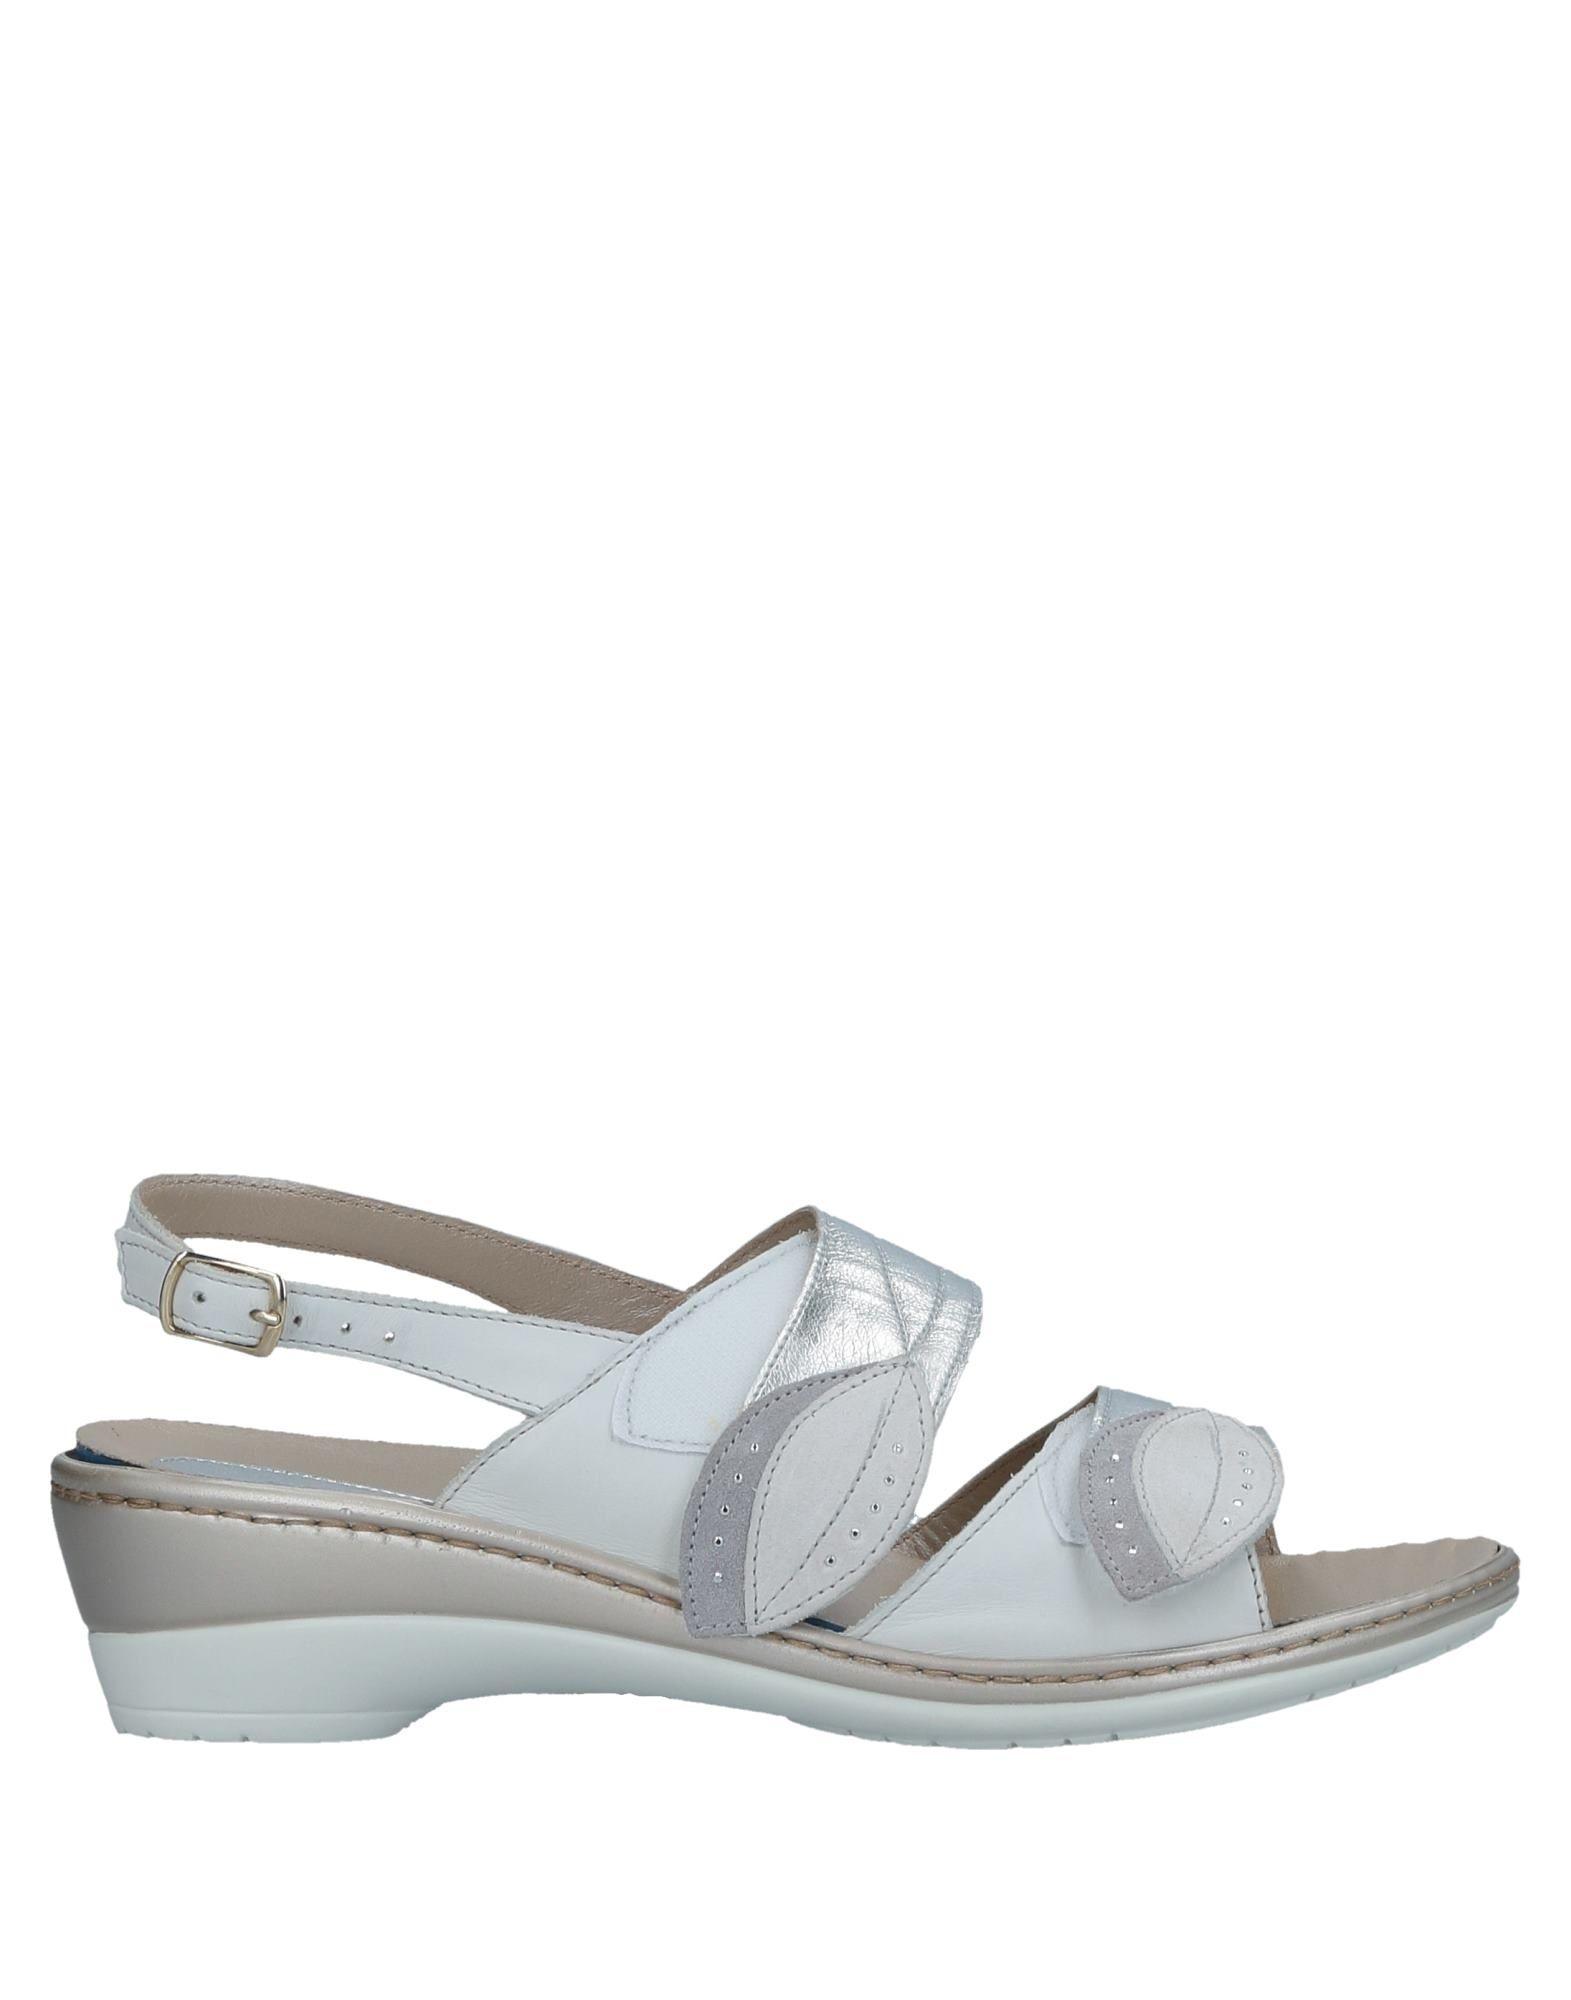 Melluso Sandalen Damen  11532687GI Gute Qualität beliebte Schuhe Schuhe Schuhe cc5228